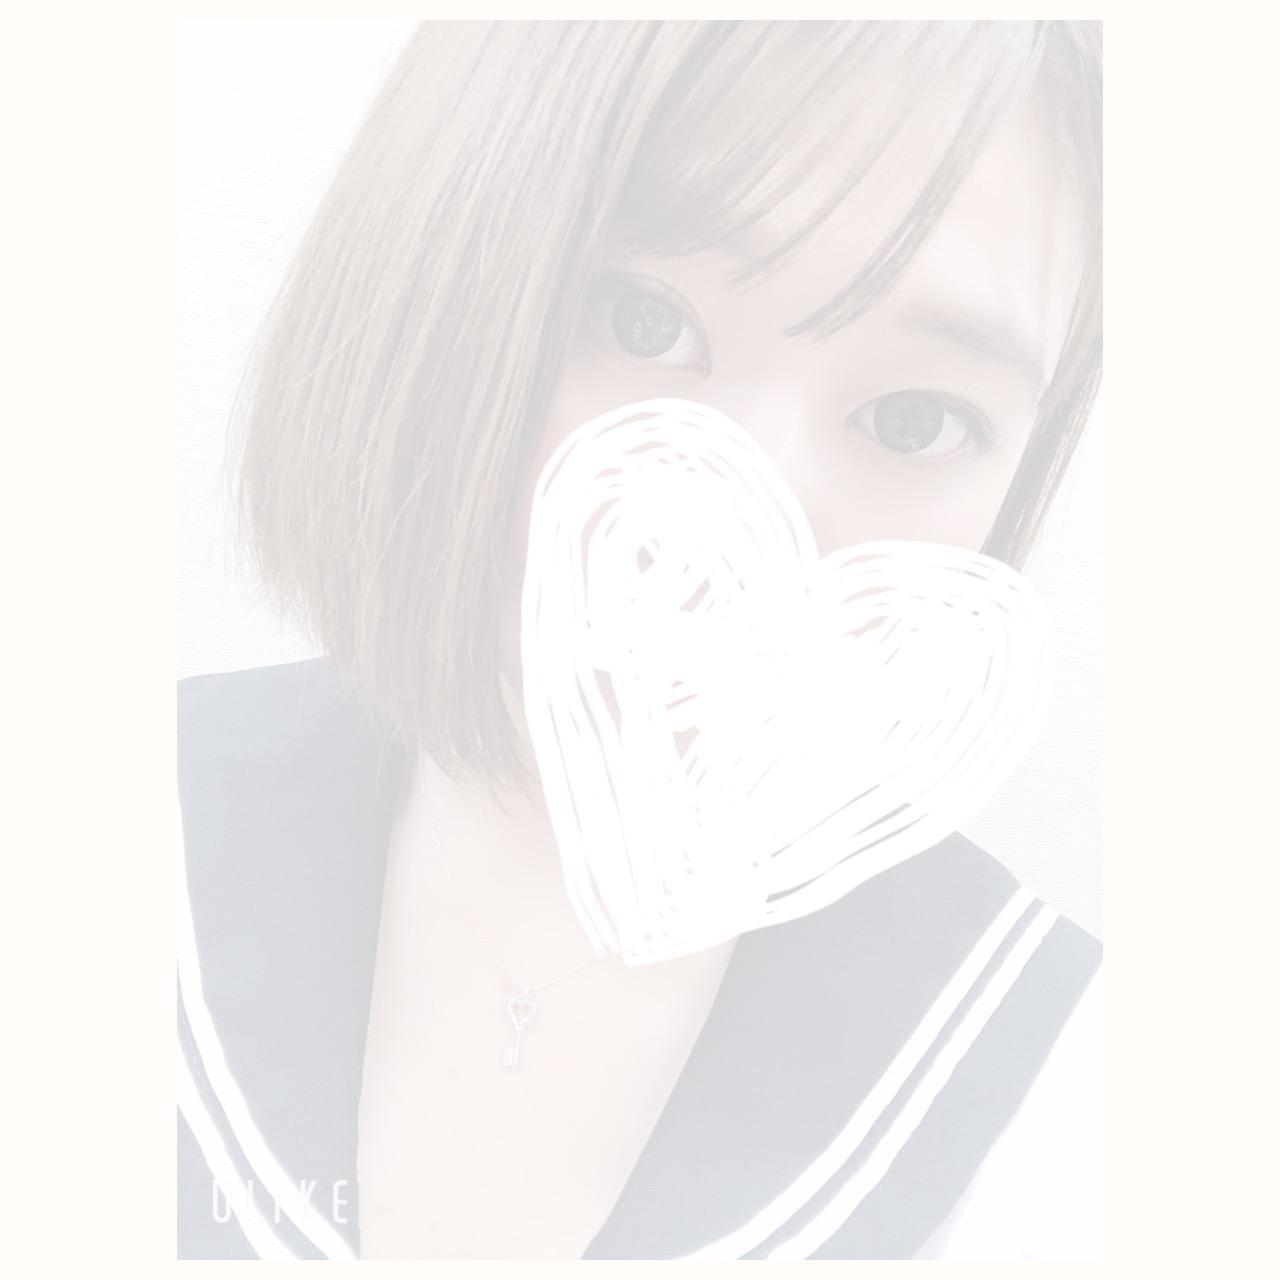 「コンバンワ^_^」09/08(09/08) 21:10 | あやかの写メ・風俗動画